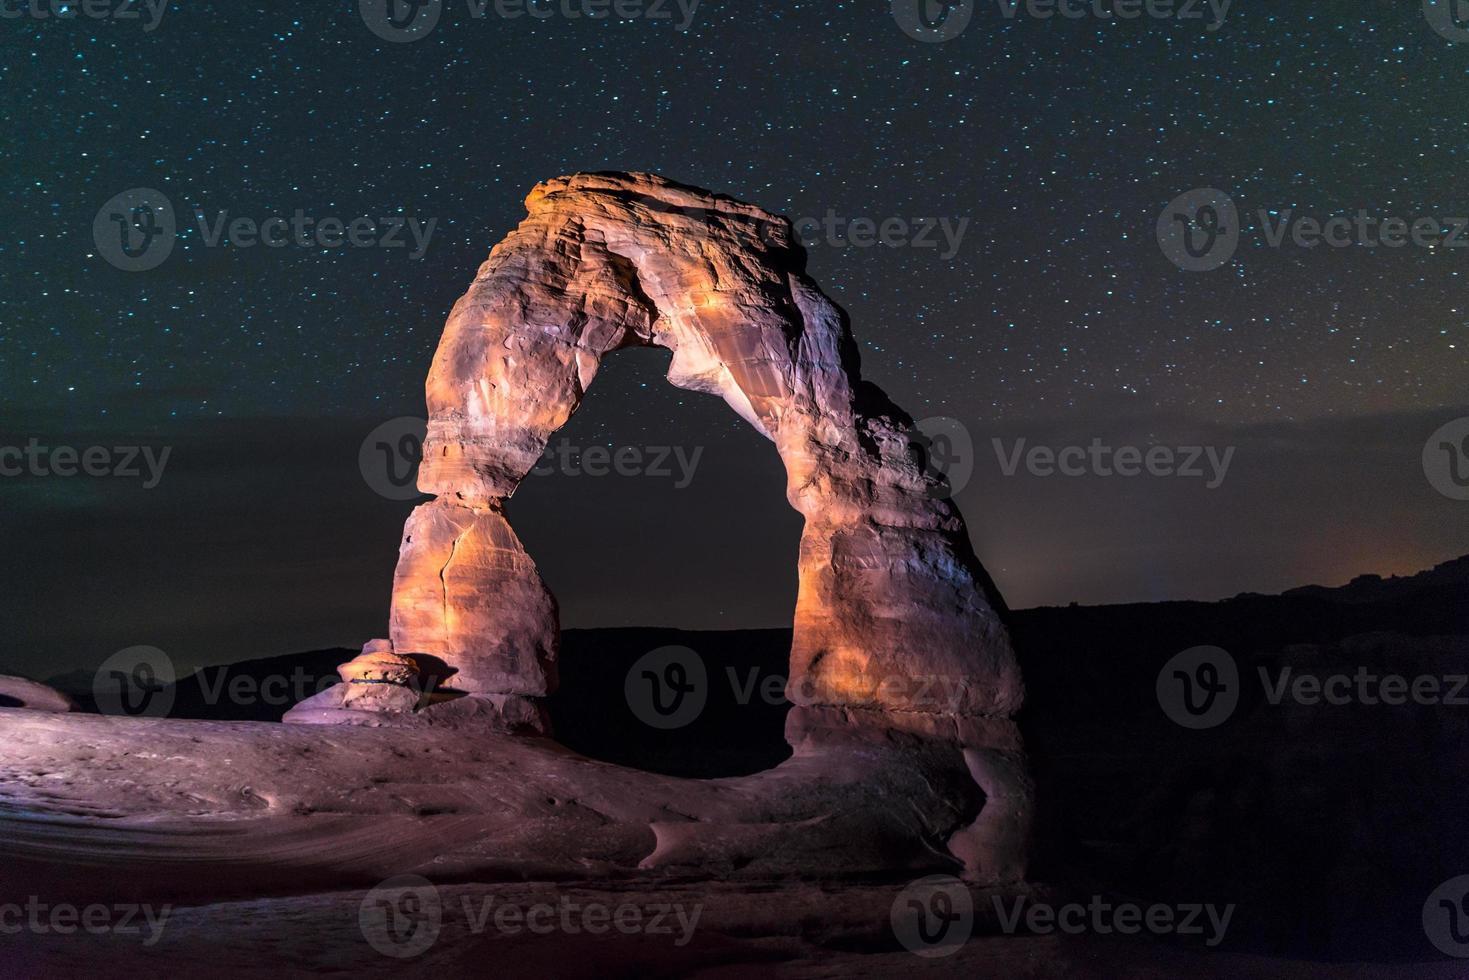 arco delicado en la noche contra el hermoso cielo nocturno foto